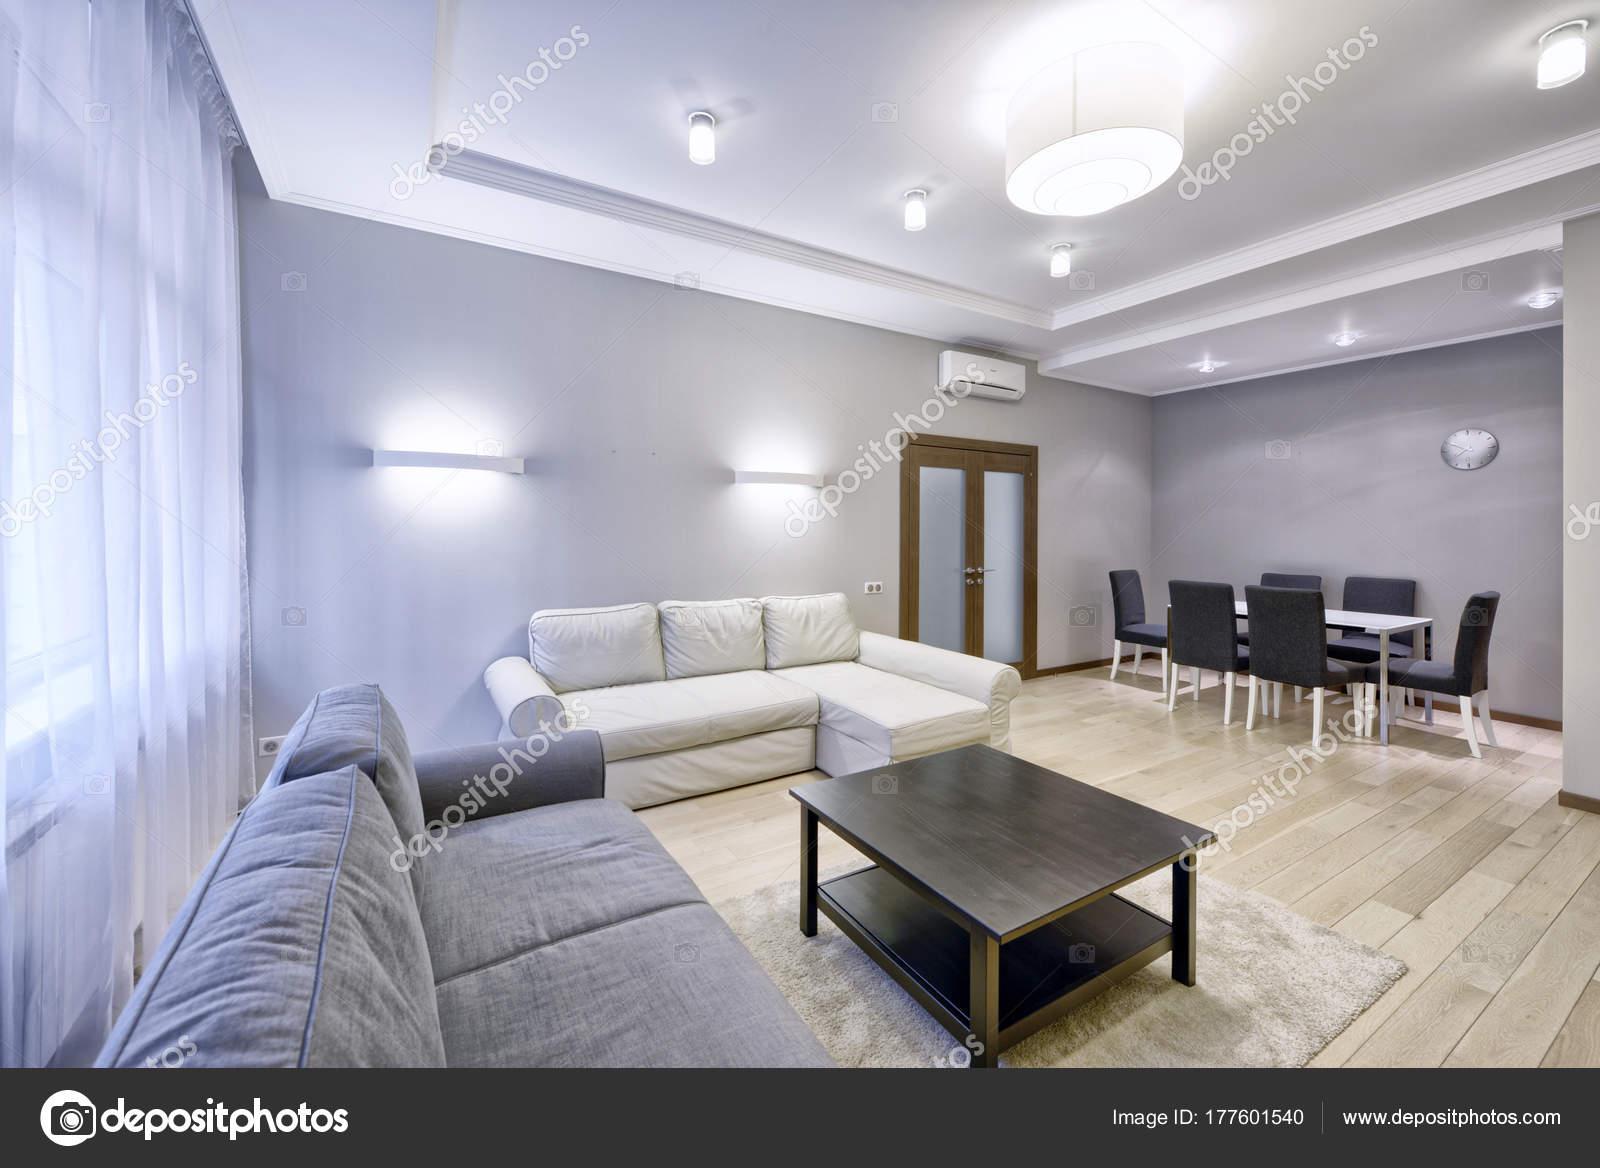 Moderne Design Interieur Van Woonkamer Een Luxe Appartement Grijs ...